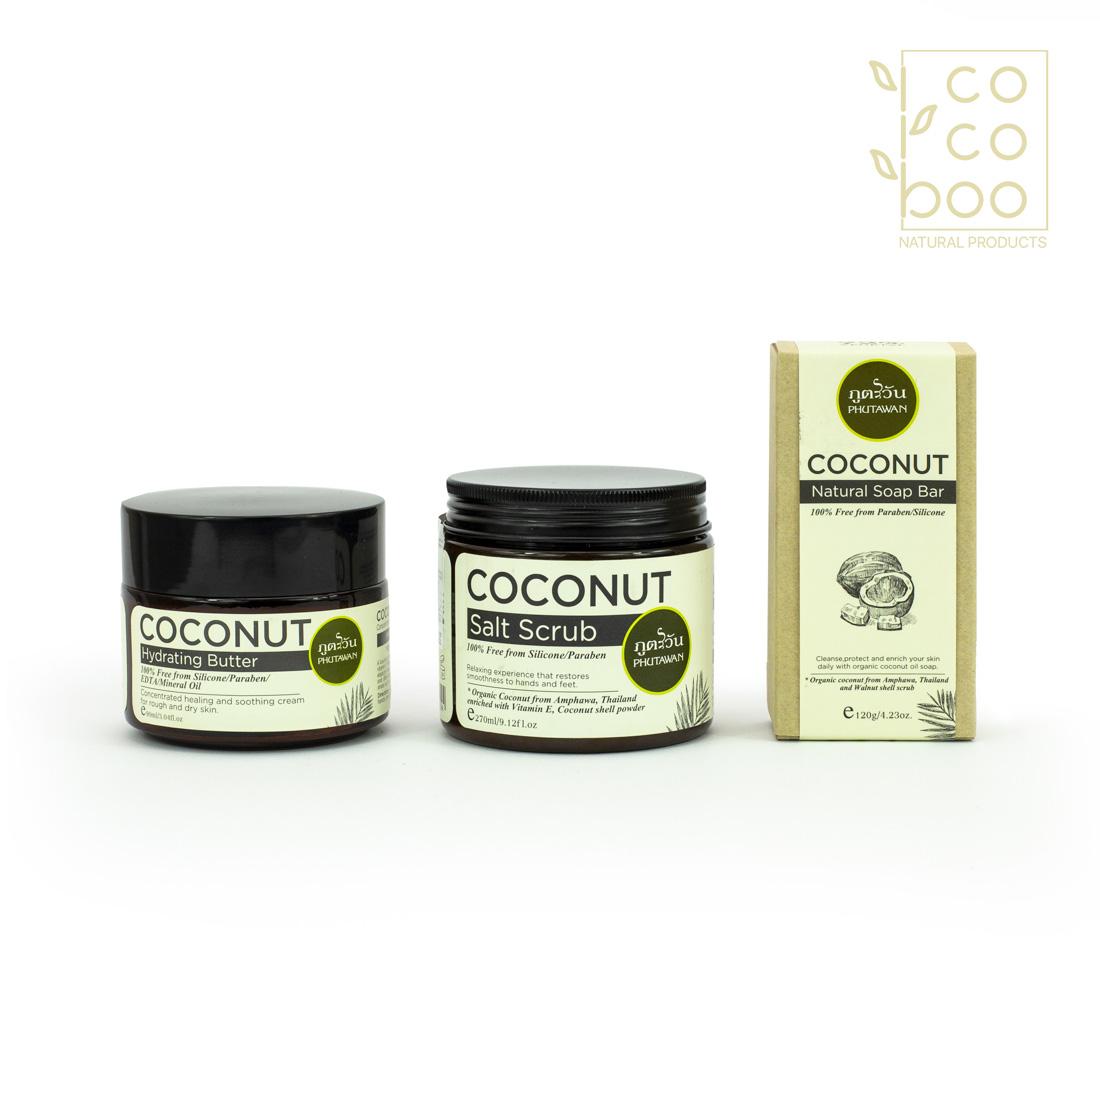 Натурален Кокосов Сет – Coconut SPA  - натурален кокосов крем, кокосов сапун и кокосова скраб за тяло